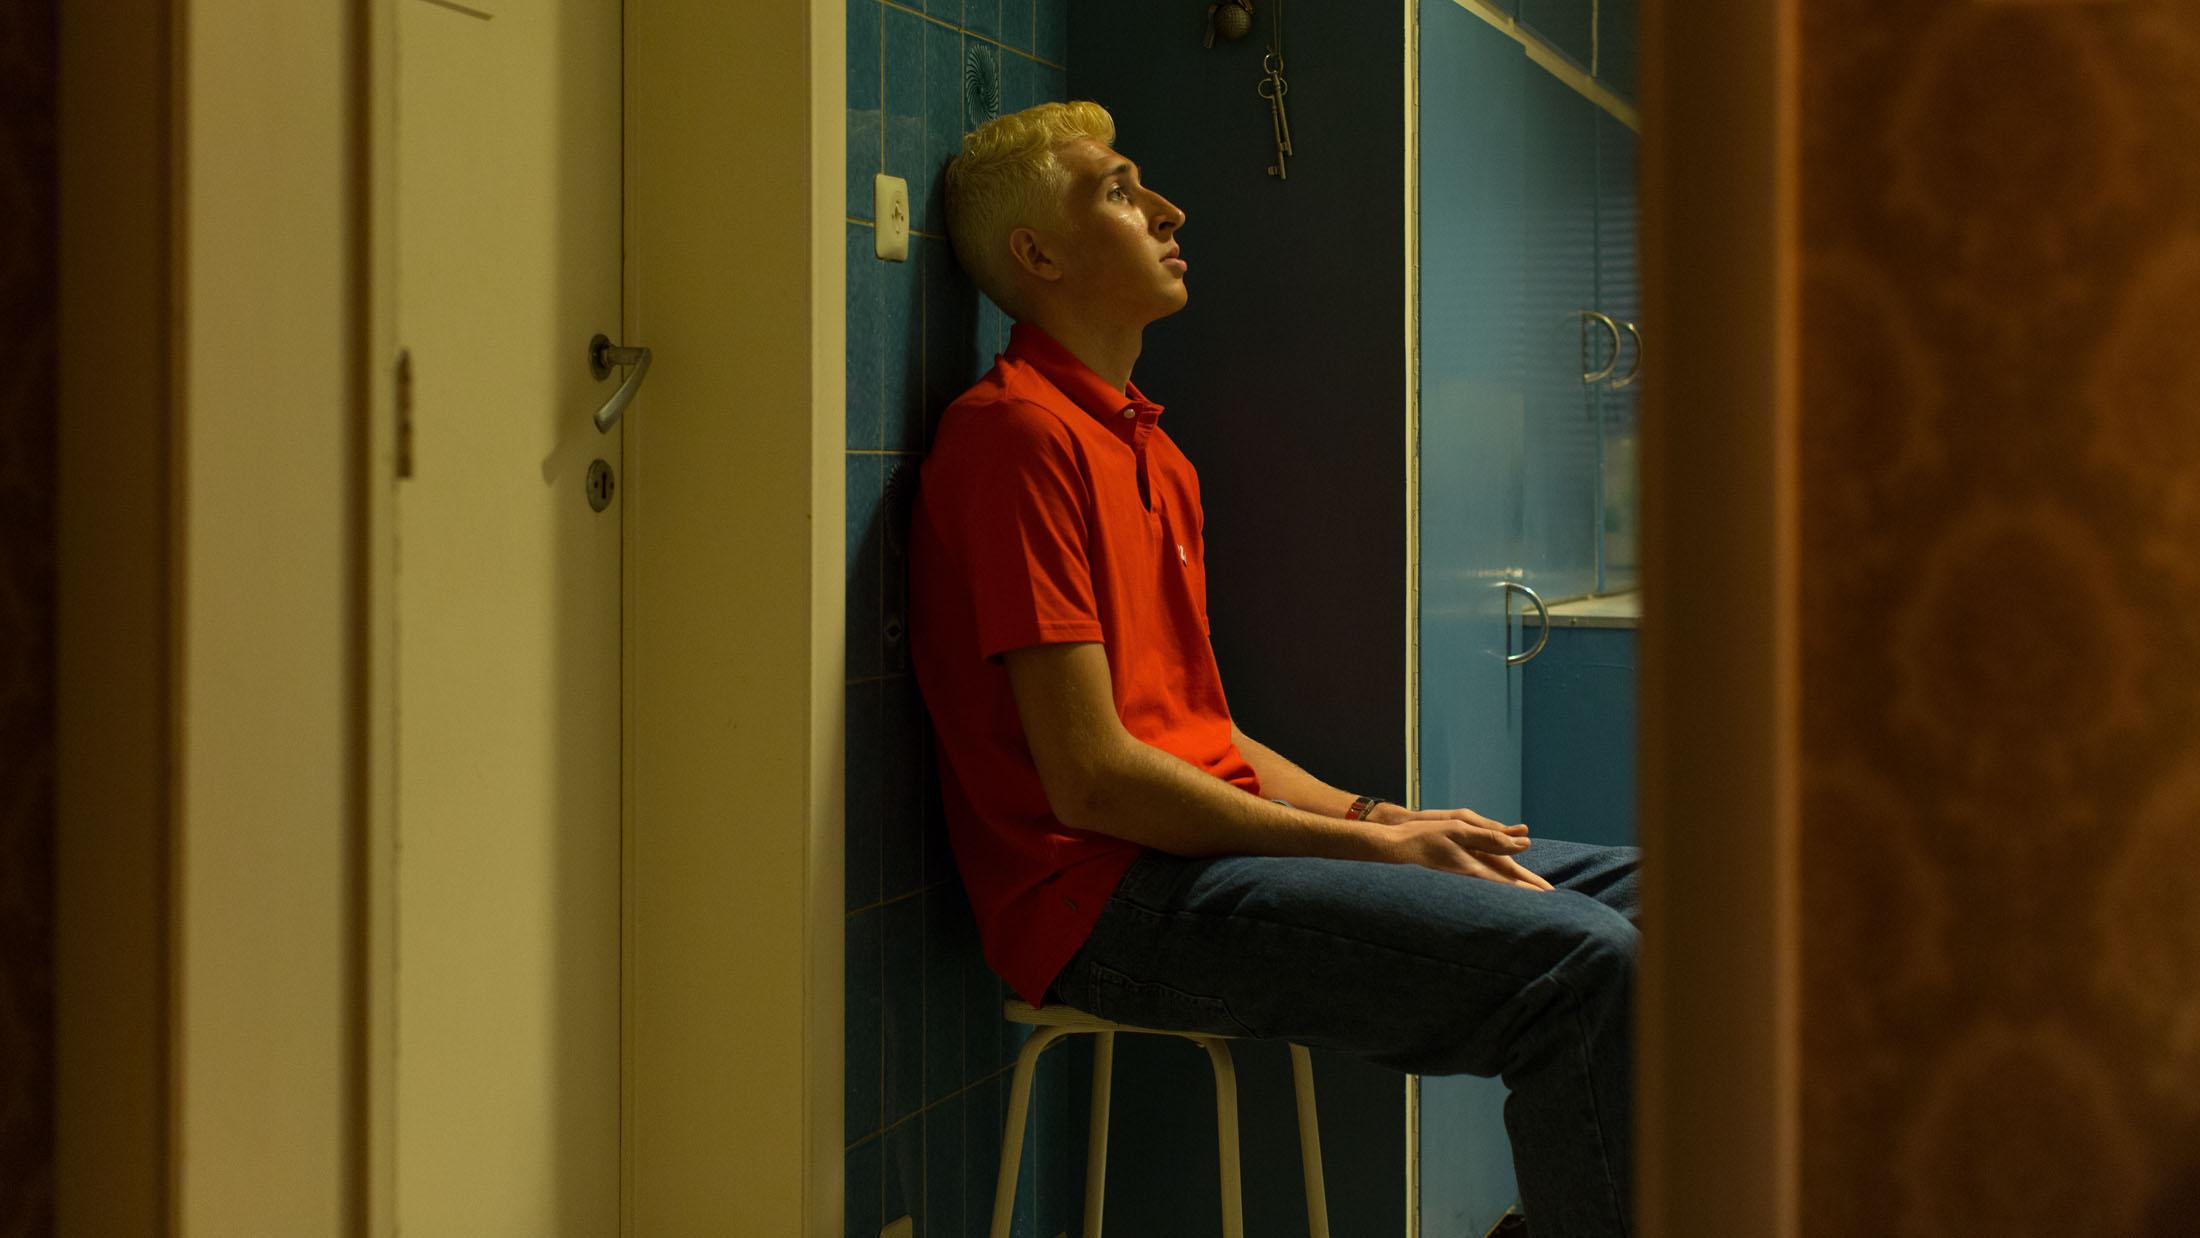 Niels Willaerts in COUREUR directed by Kenneth Mercken. DoP Martijn van Broekhuizen - Courtesy Czar